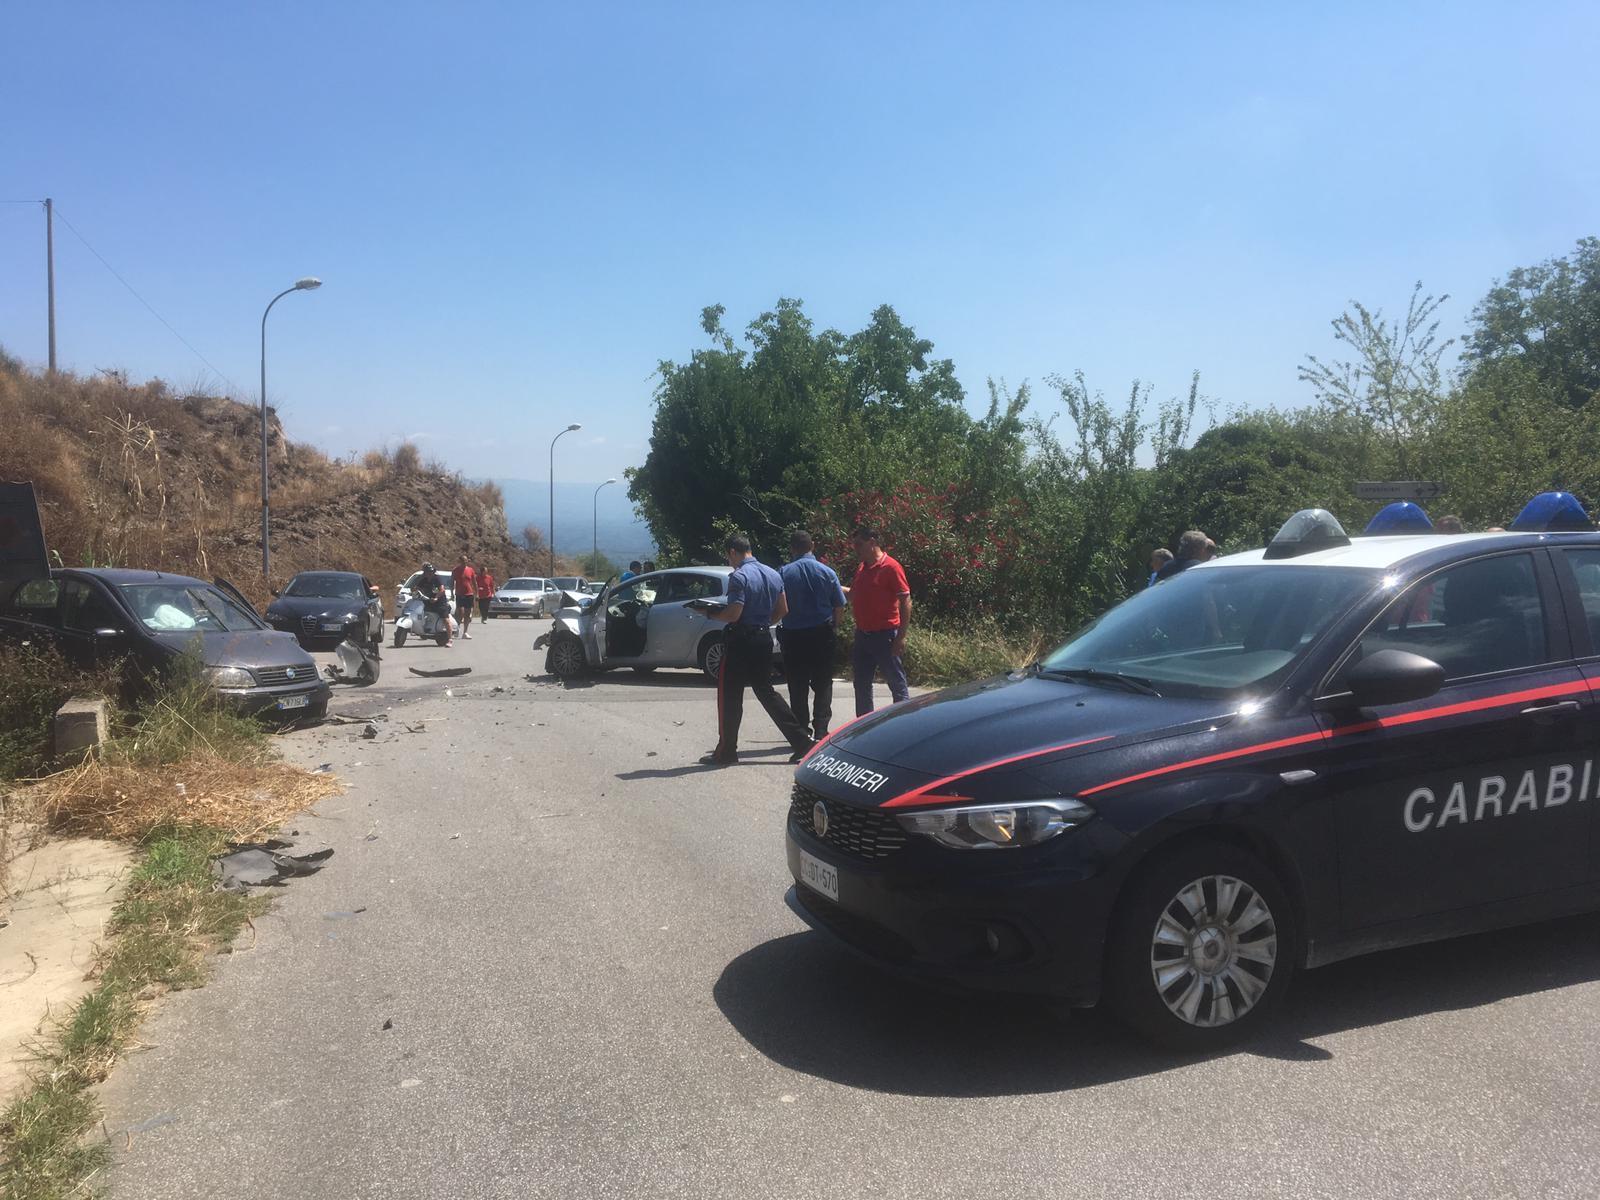 Incidente stradale nel vibonese, due feriti  Scontro frontale tra due vetture a San Calogero